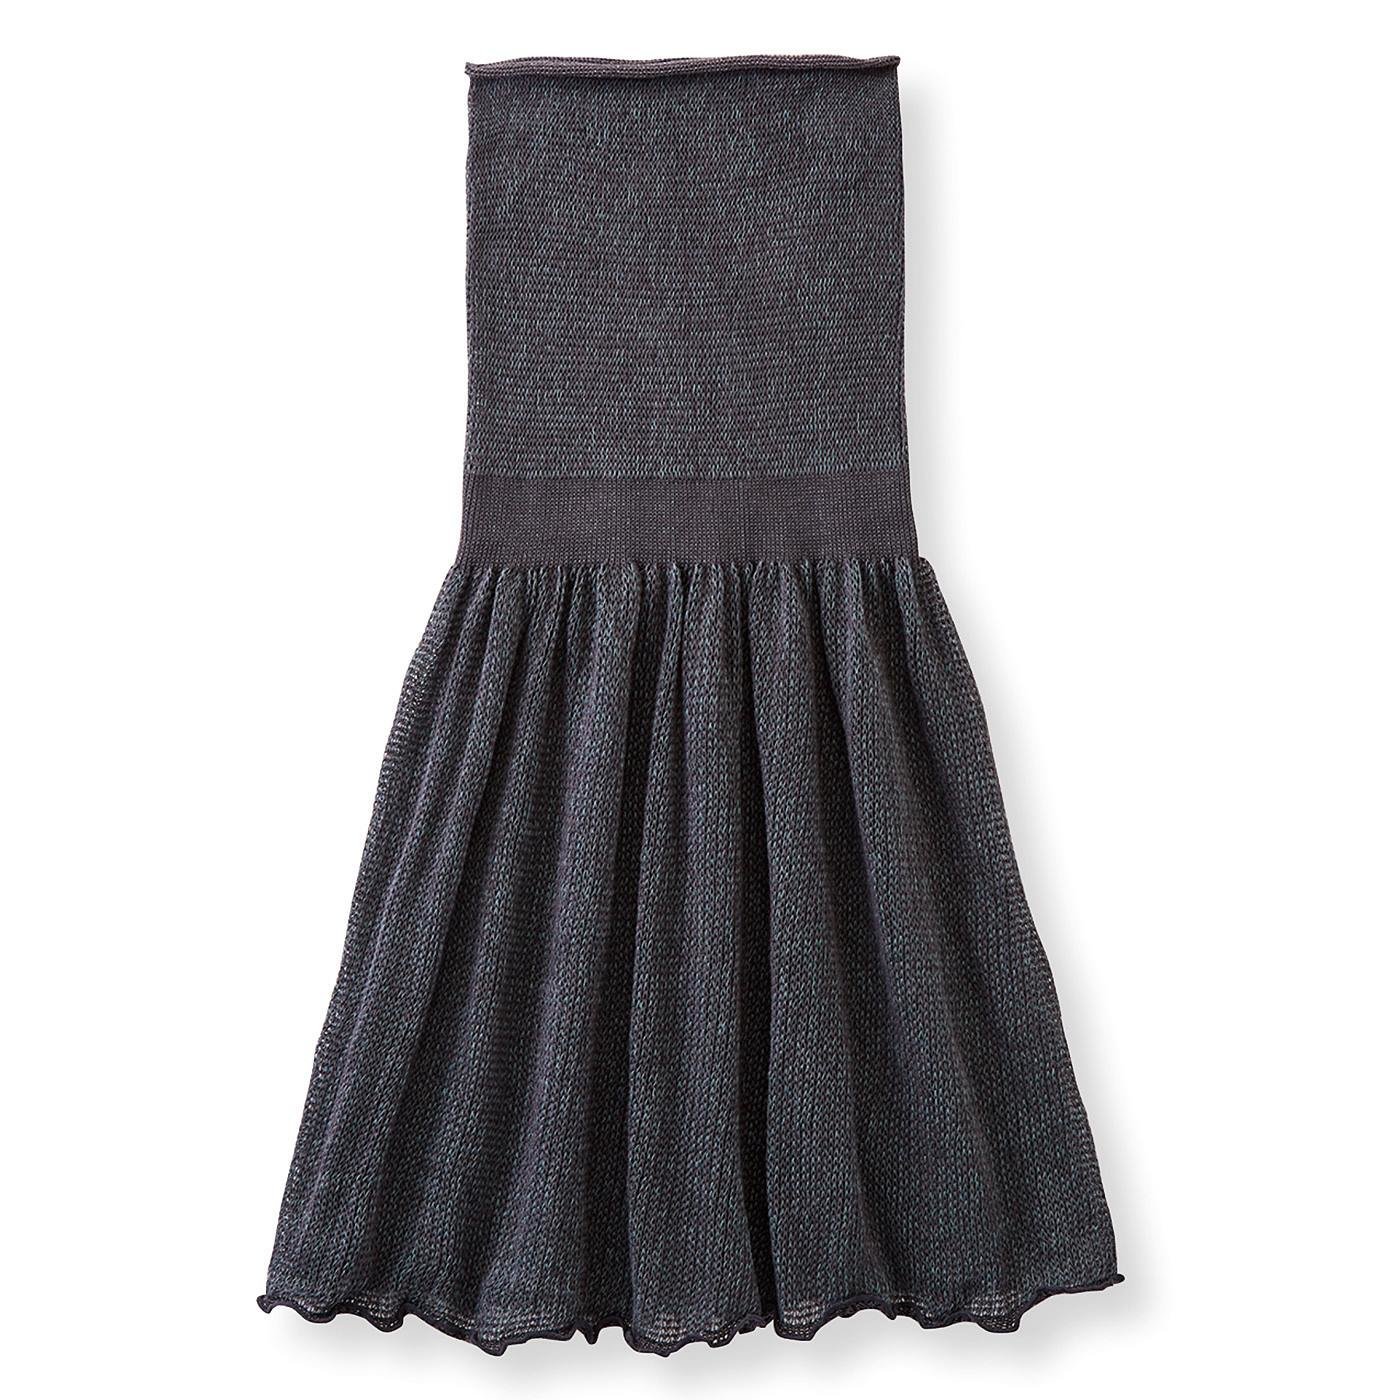 綿混素材で仕立てた ゆる編みニットの毛糸の腹巻き付きスカート